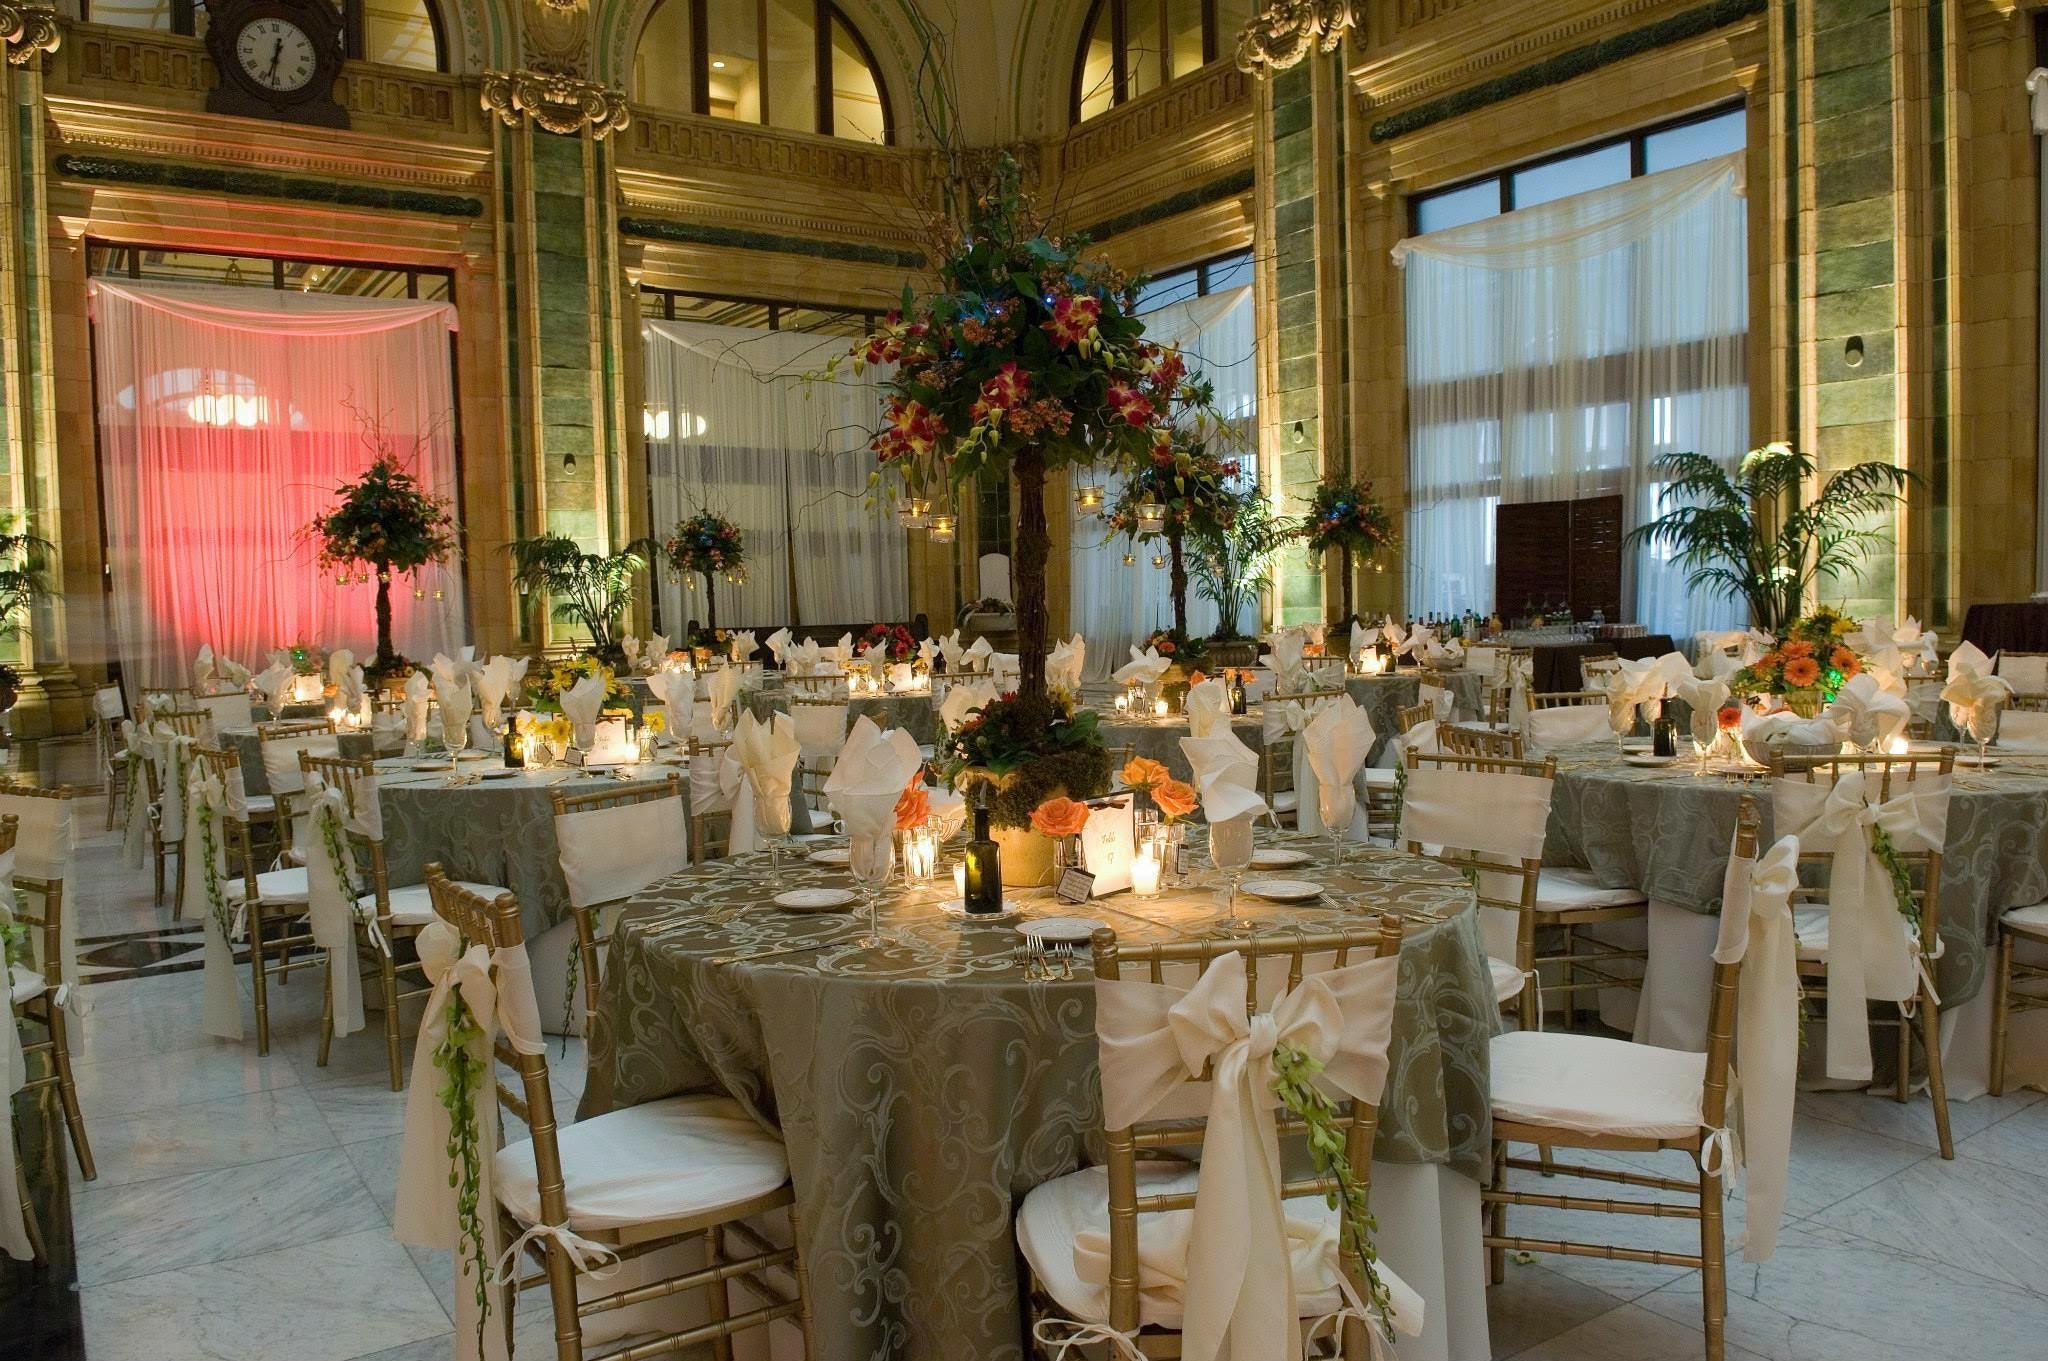 chair-covers-pittsburgh-weddings-42.jpg